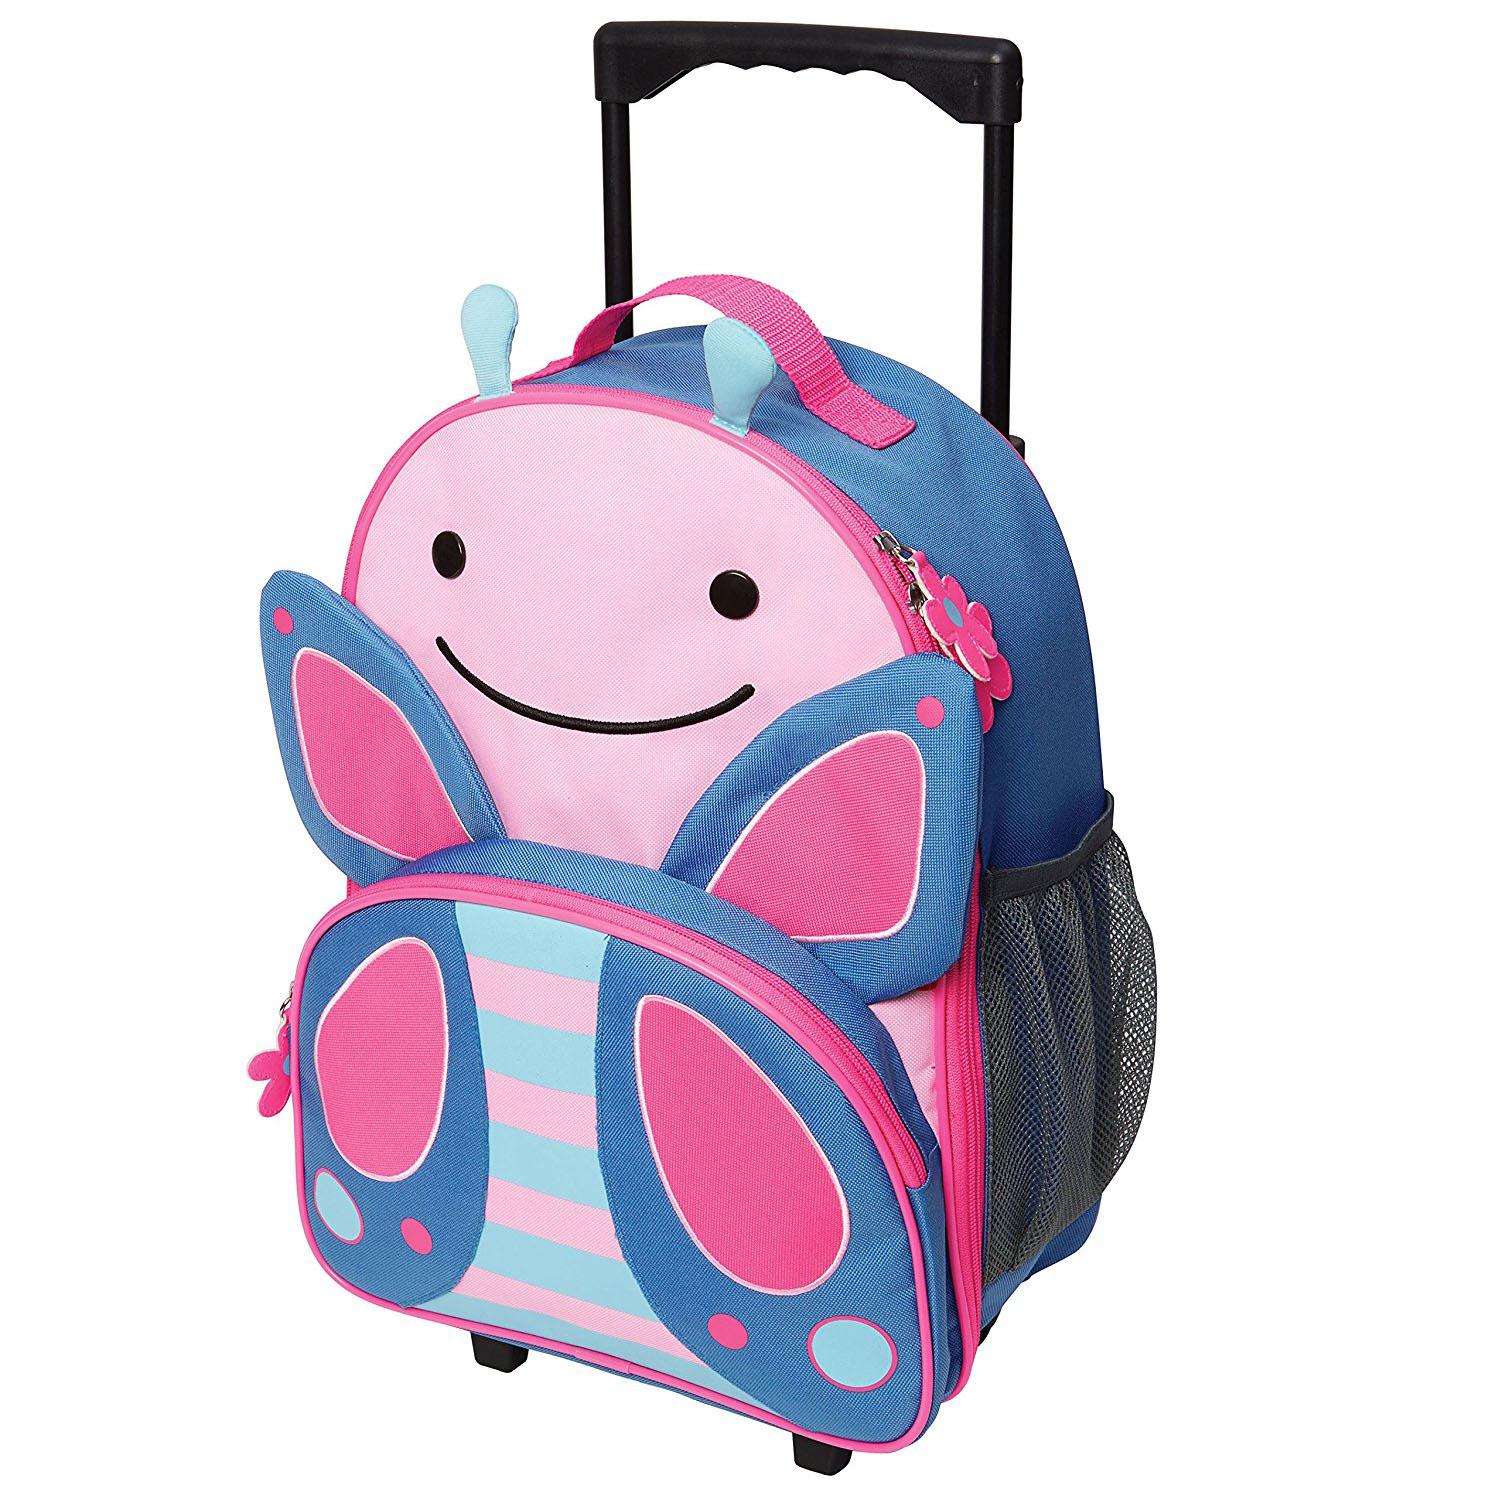 Чемодан детский  Бабочка - Чемоданы для путешествий, артикул: 161275